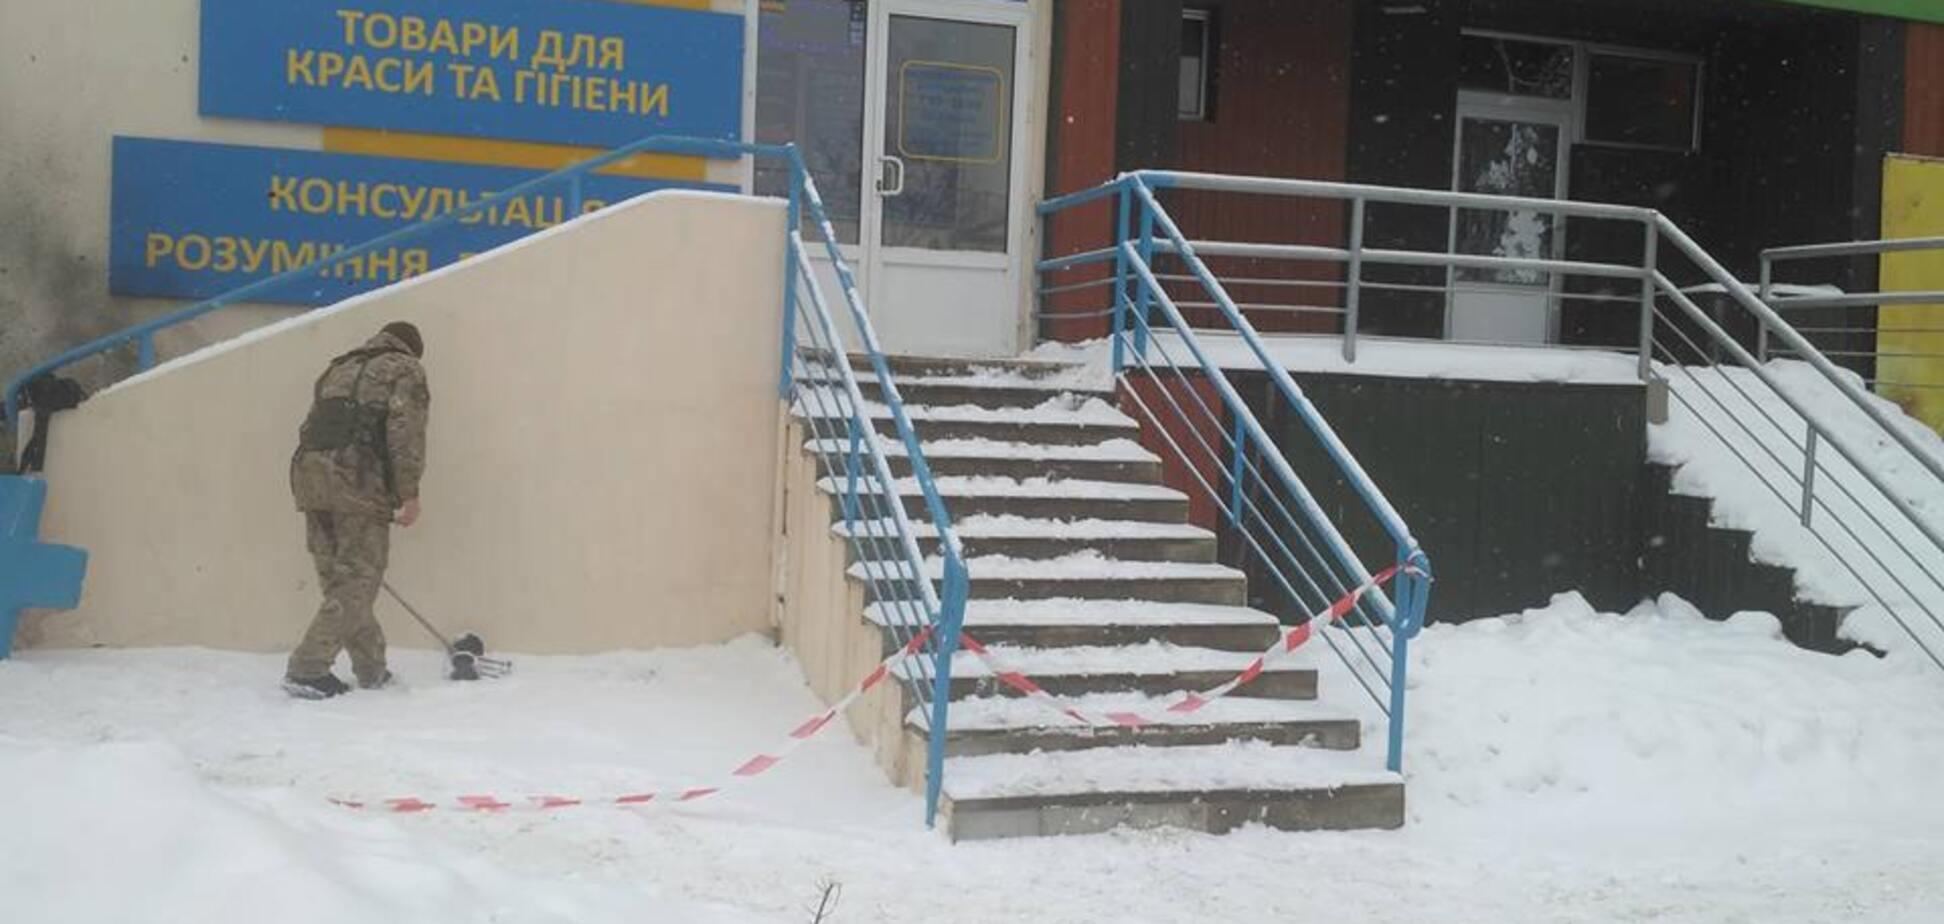 Вибух у Харкові: у МВС назвали причину та основні версії